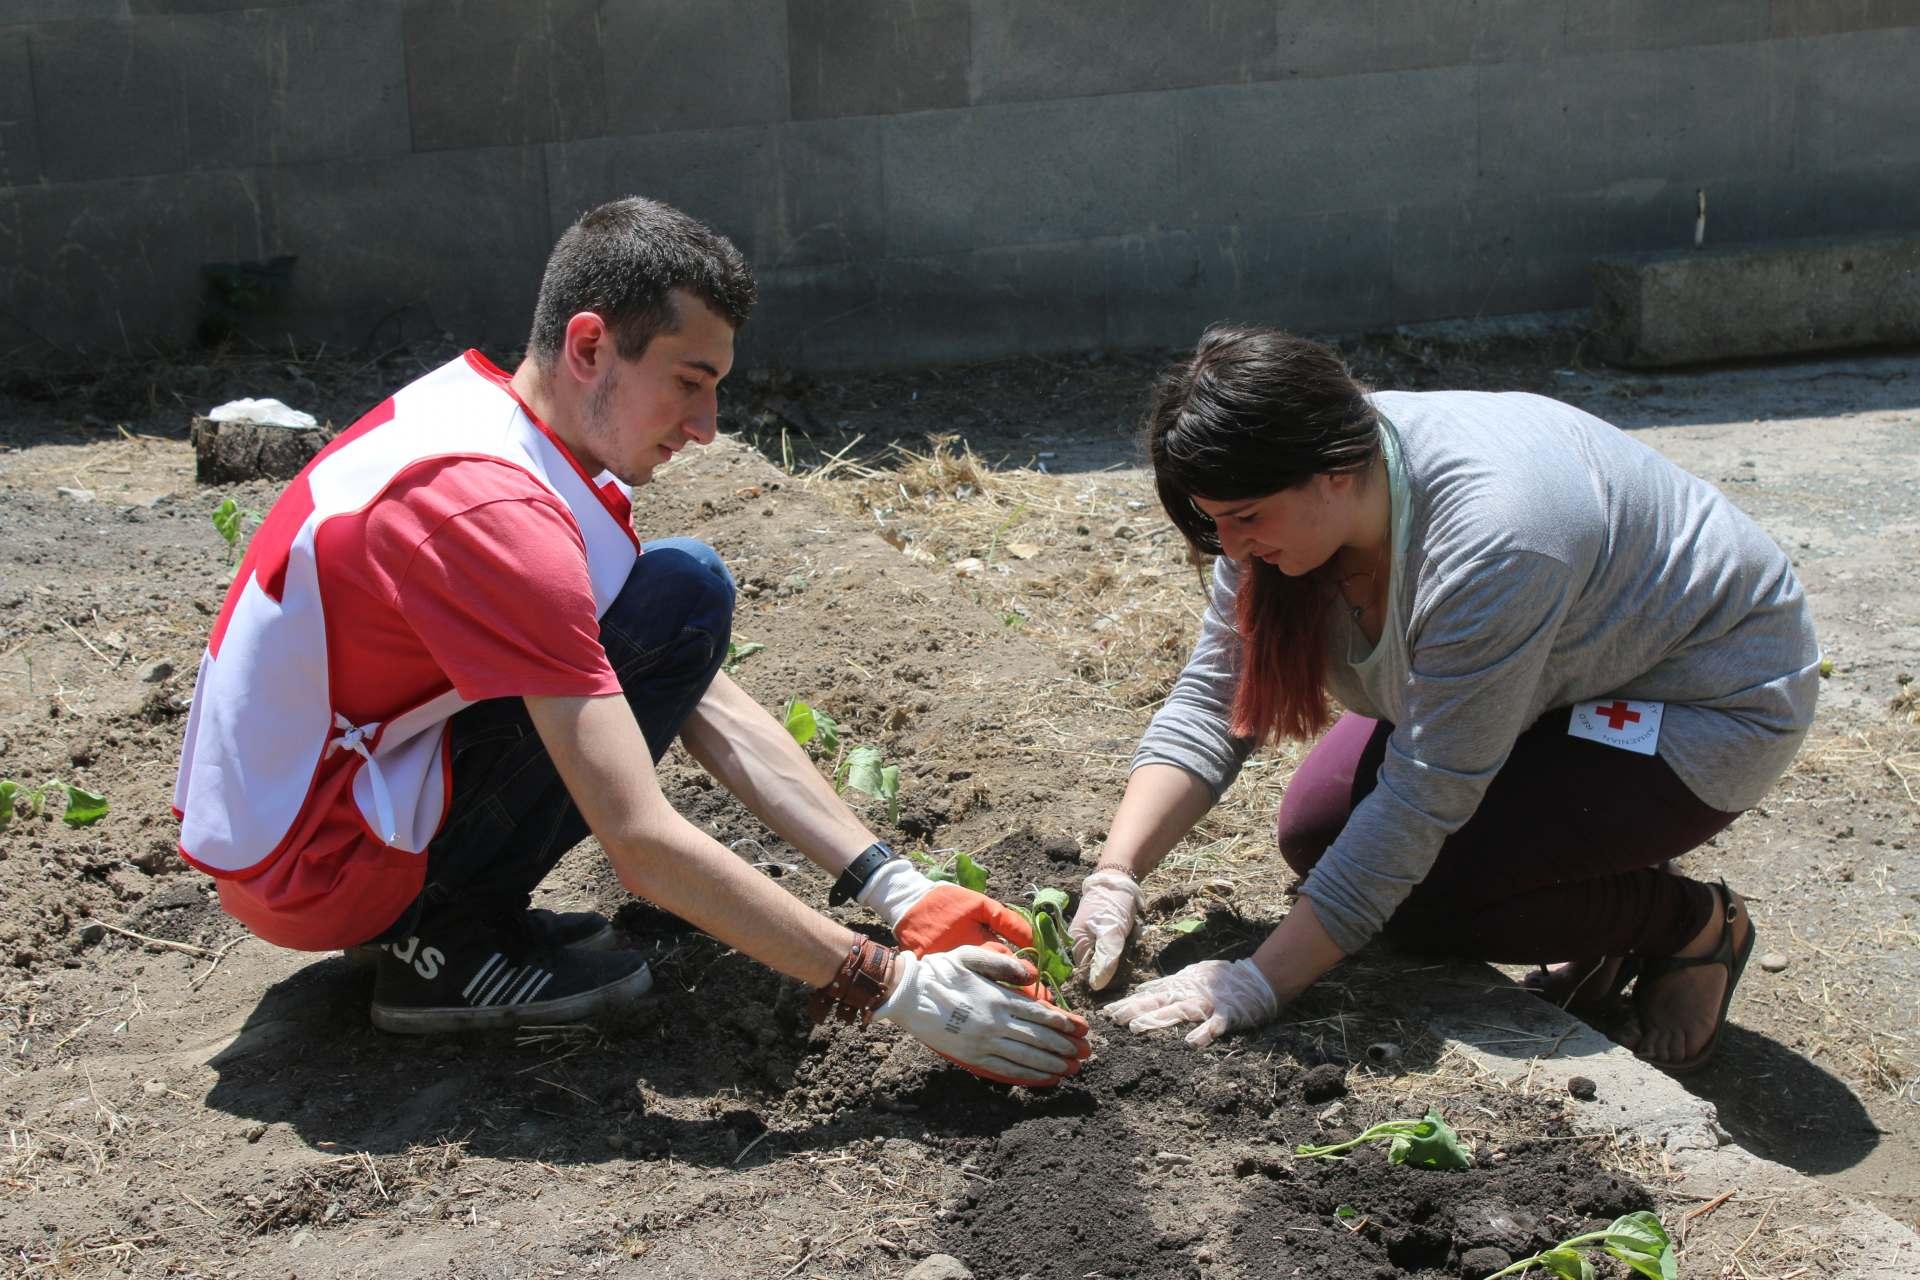 Սիրիահայ երեխաների կայուն զարգացումը Հայաստանում